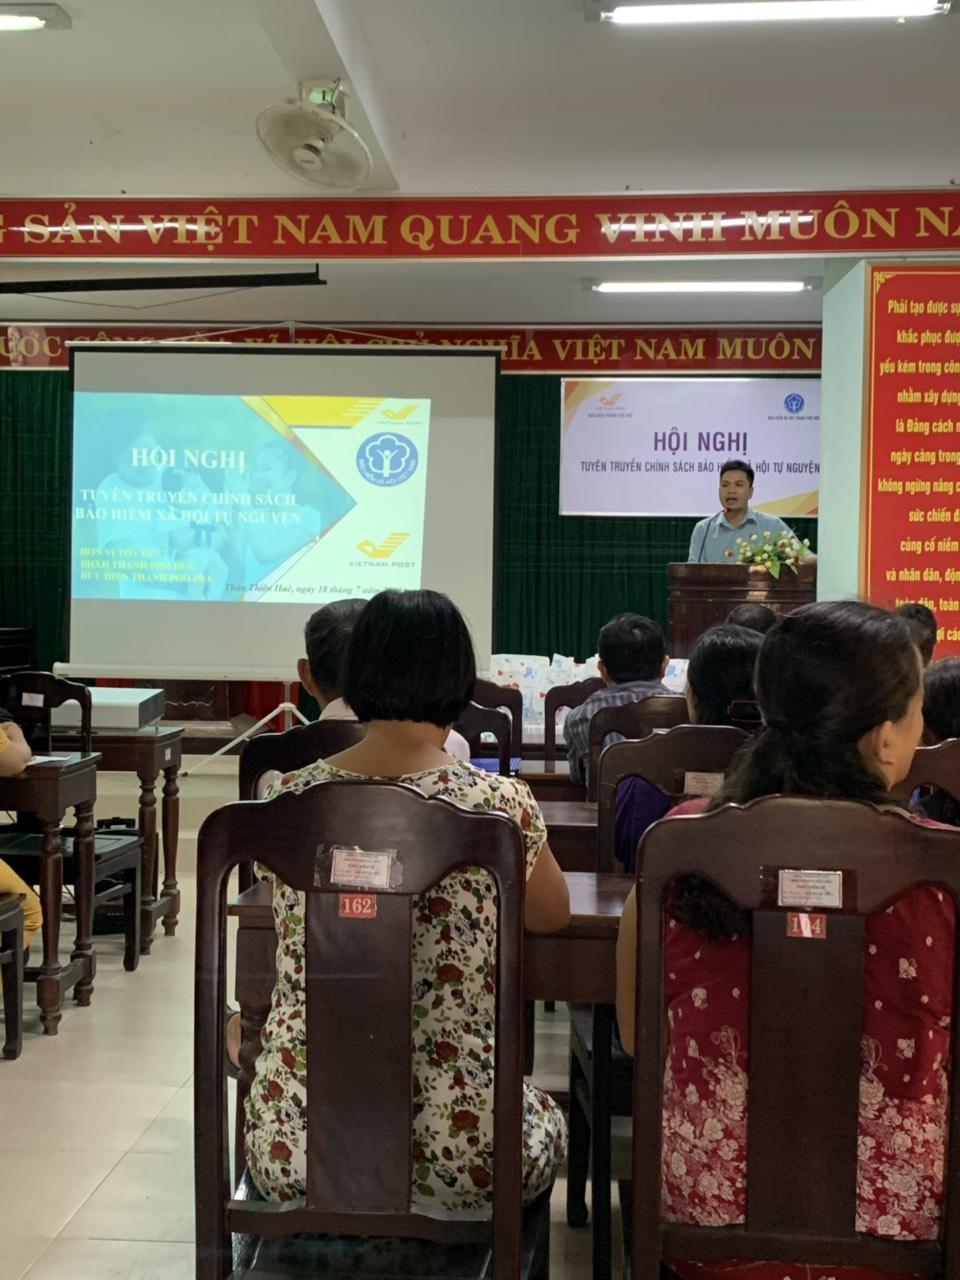 Hội nghị được tổ chức tại UBND phường Thủy Biều, Tp Huế